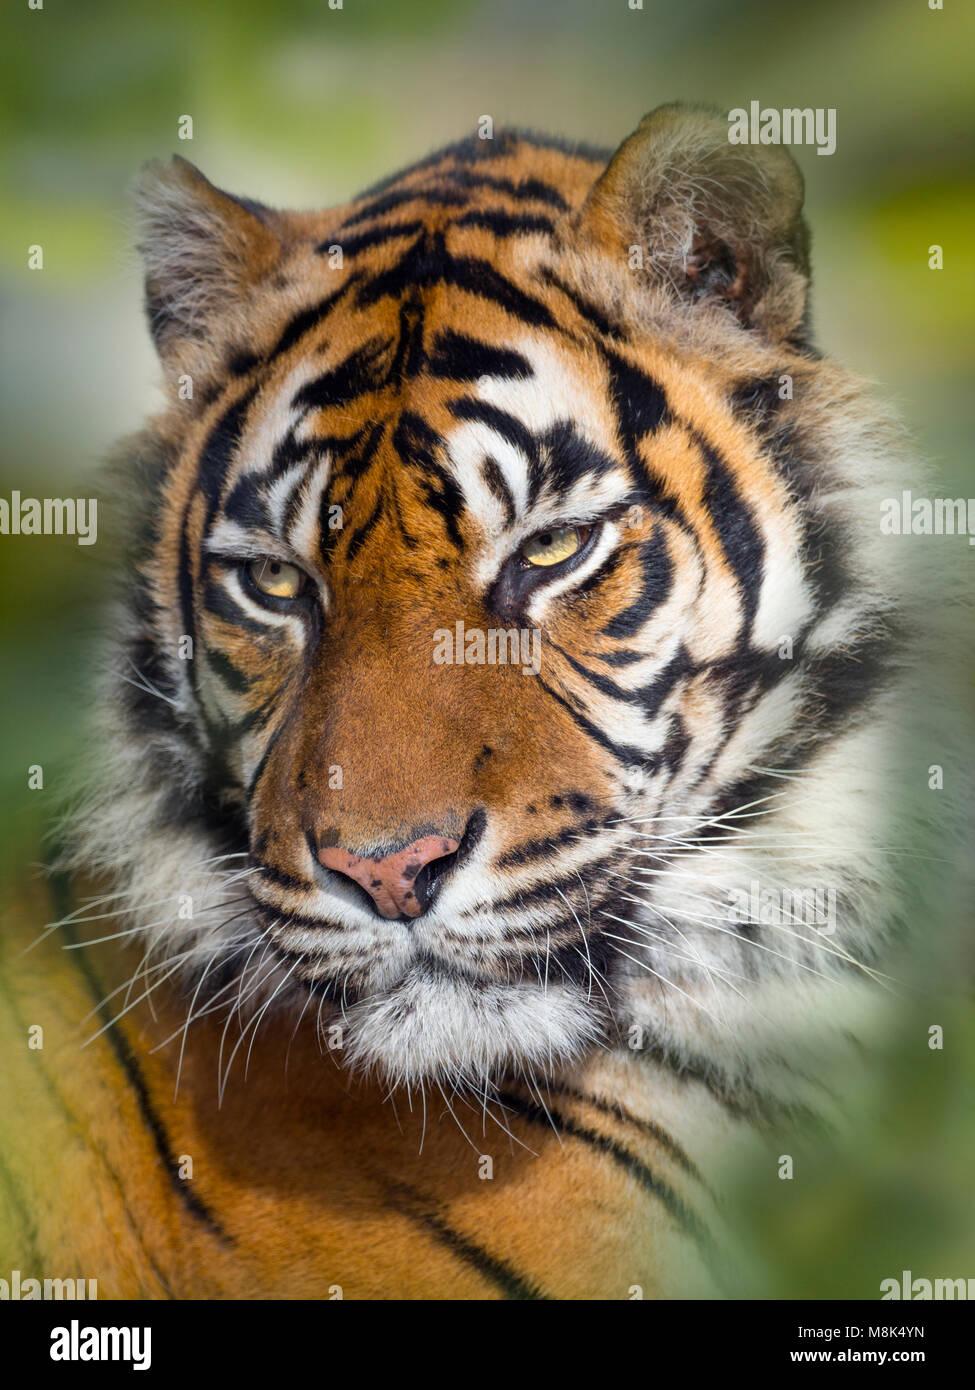 Sumatran tiger  Panthera tigris sondaica Captive zoo photograph - Stock Image